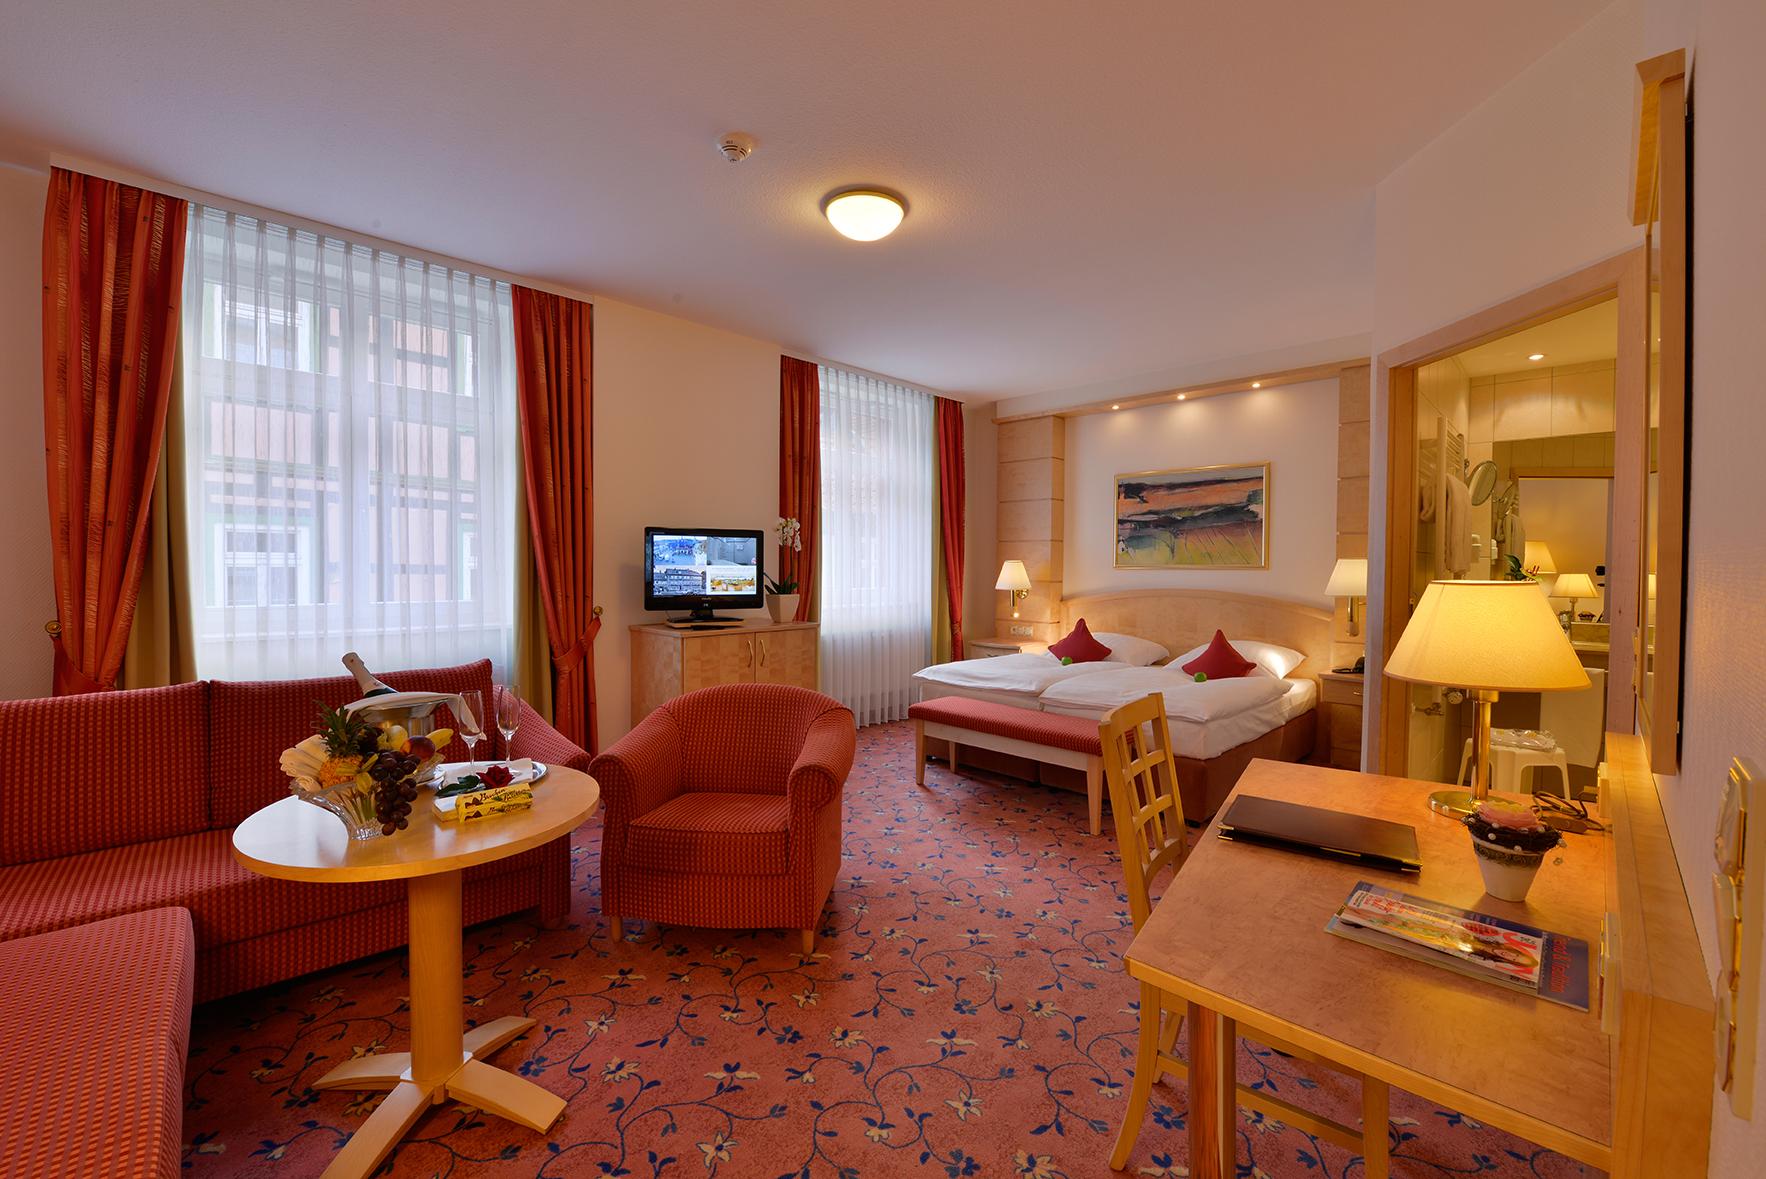 Hotel & Restaurant Weißer Hirsch in Wernigerode - Komfortzimmer